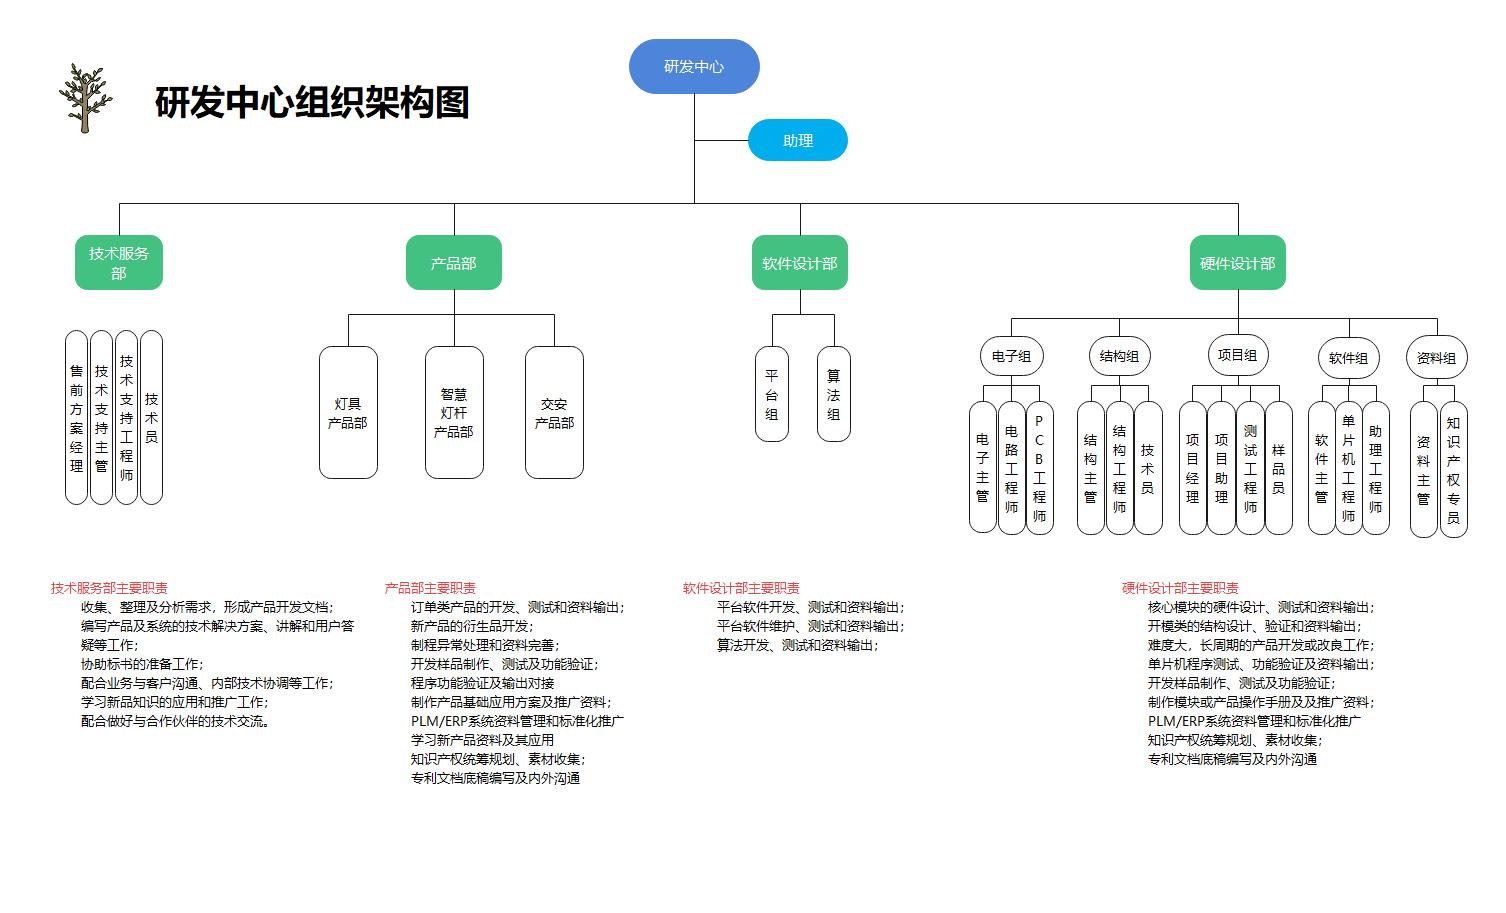 研发中心组织架构图